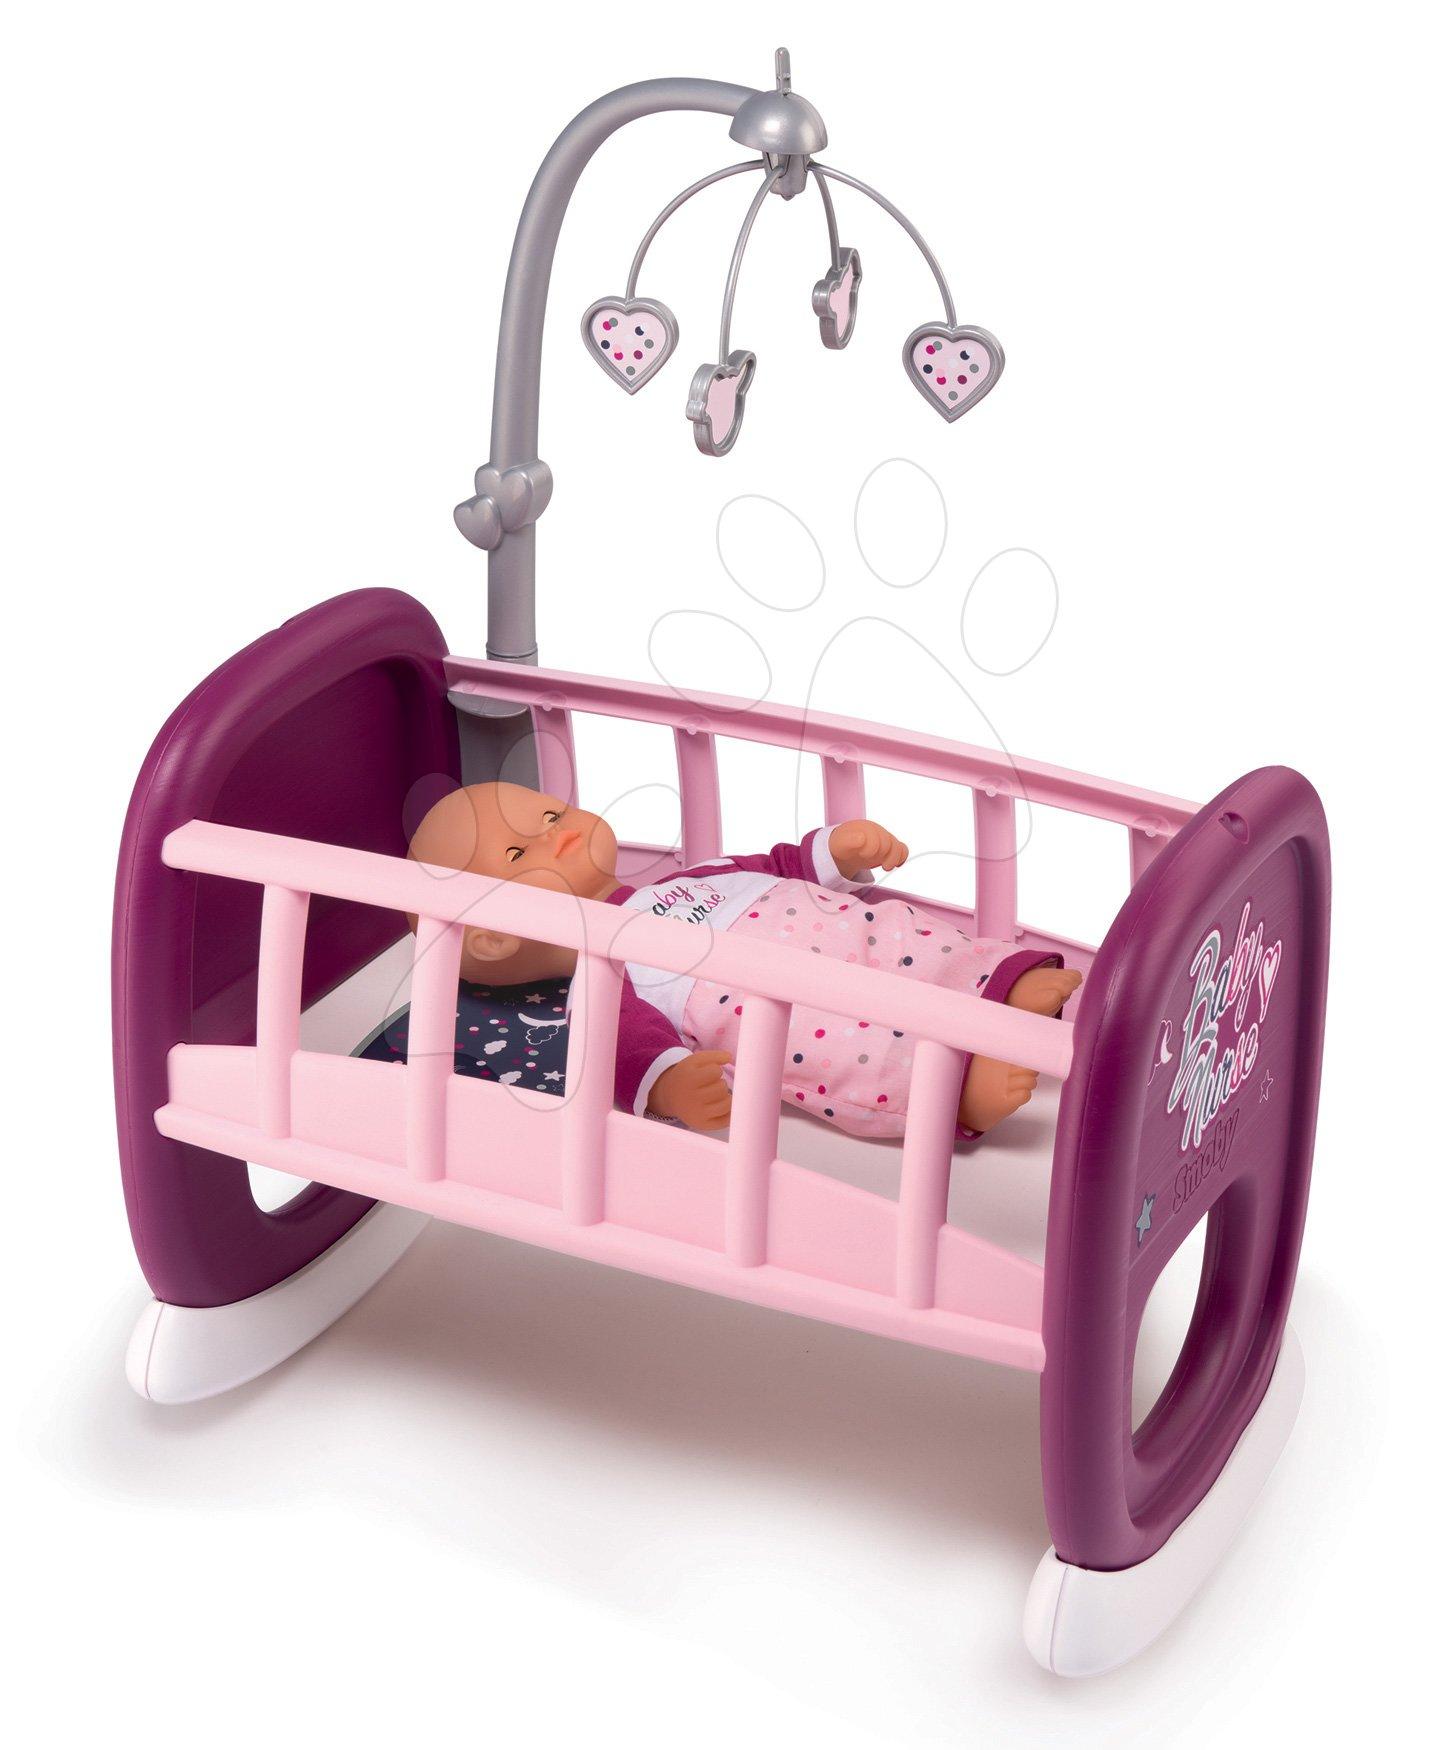 Kolébka s kolotočem Violette Baby Nurse Smoby pro panenky od 18 měsíců